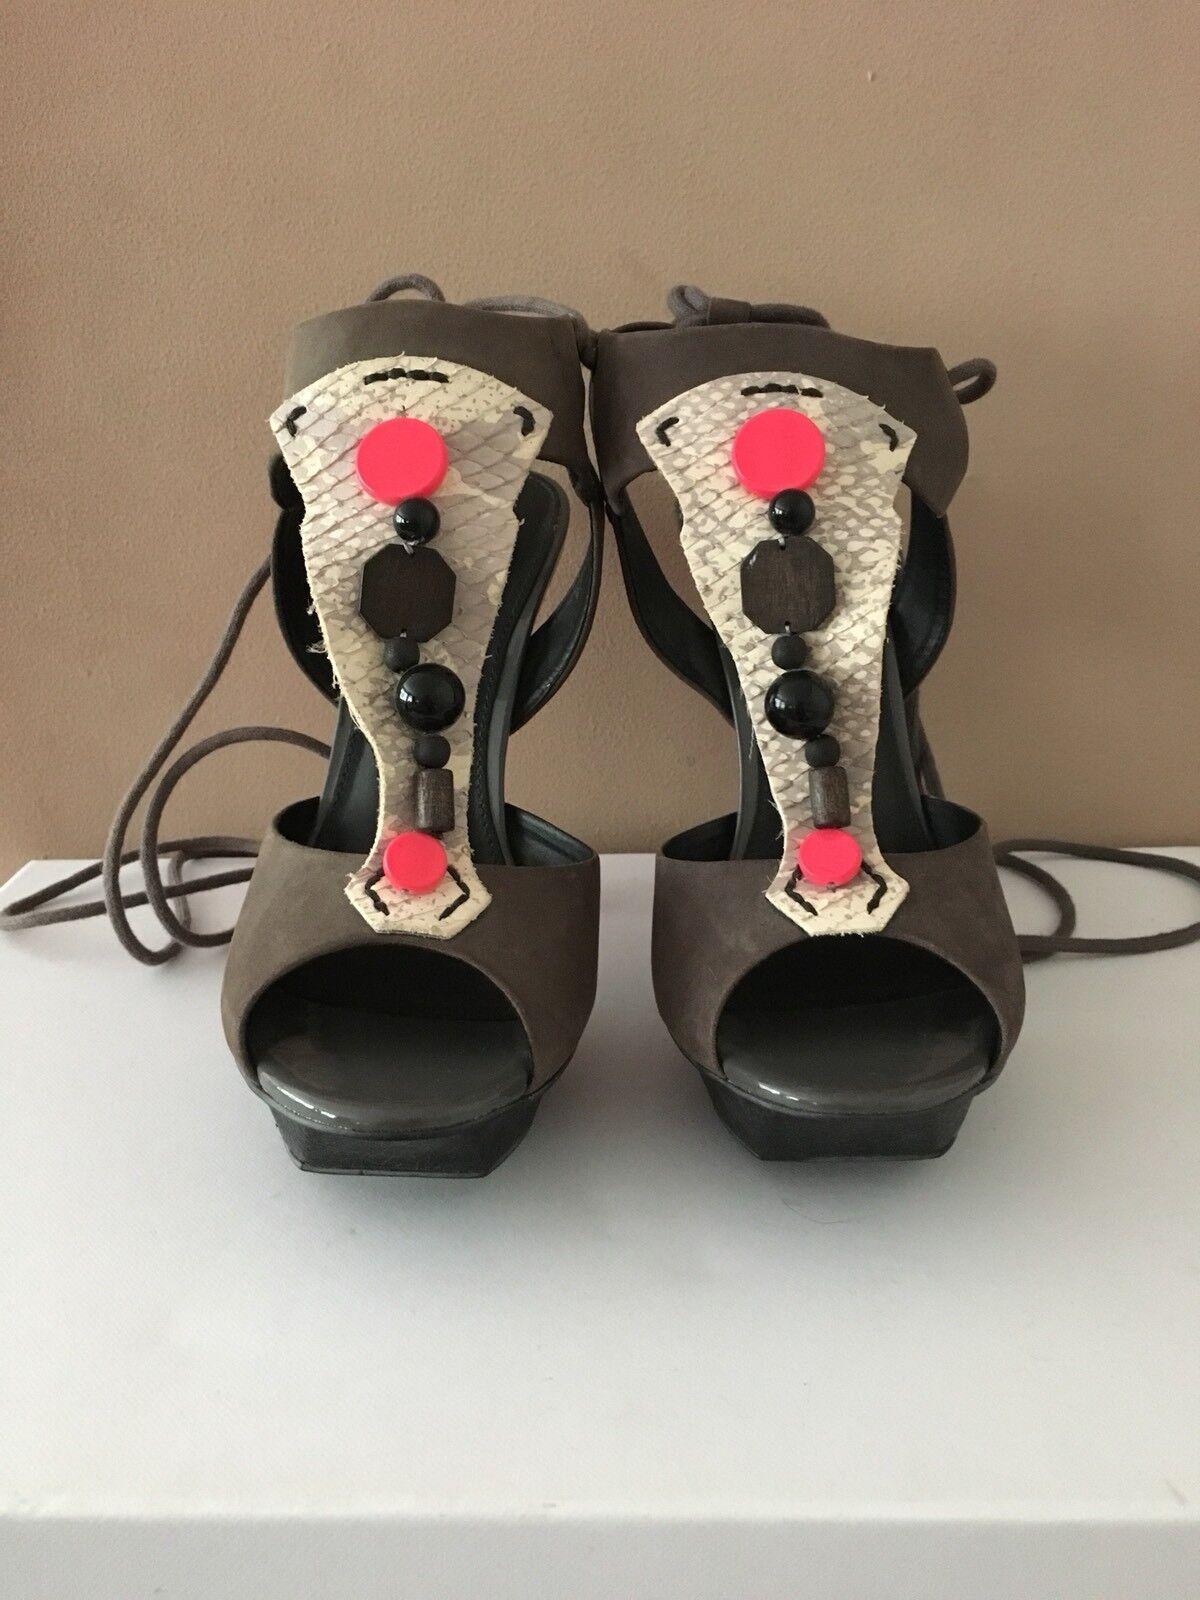 Carvela Donna Scarpe Grigio/Multi nuovo con scatola prezzo consigliato cinturino  Taglia 39/6 con cinturino consigliato cravatta in giro gamba b1311e